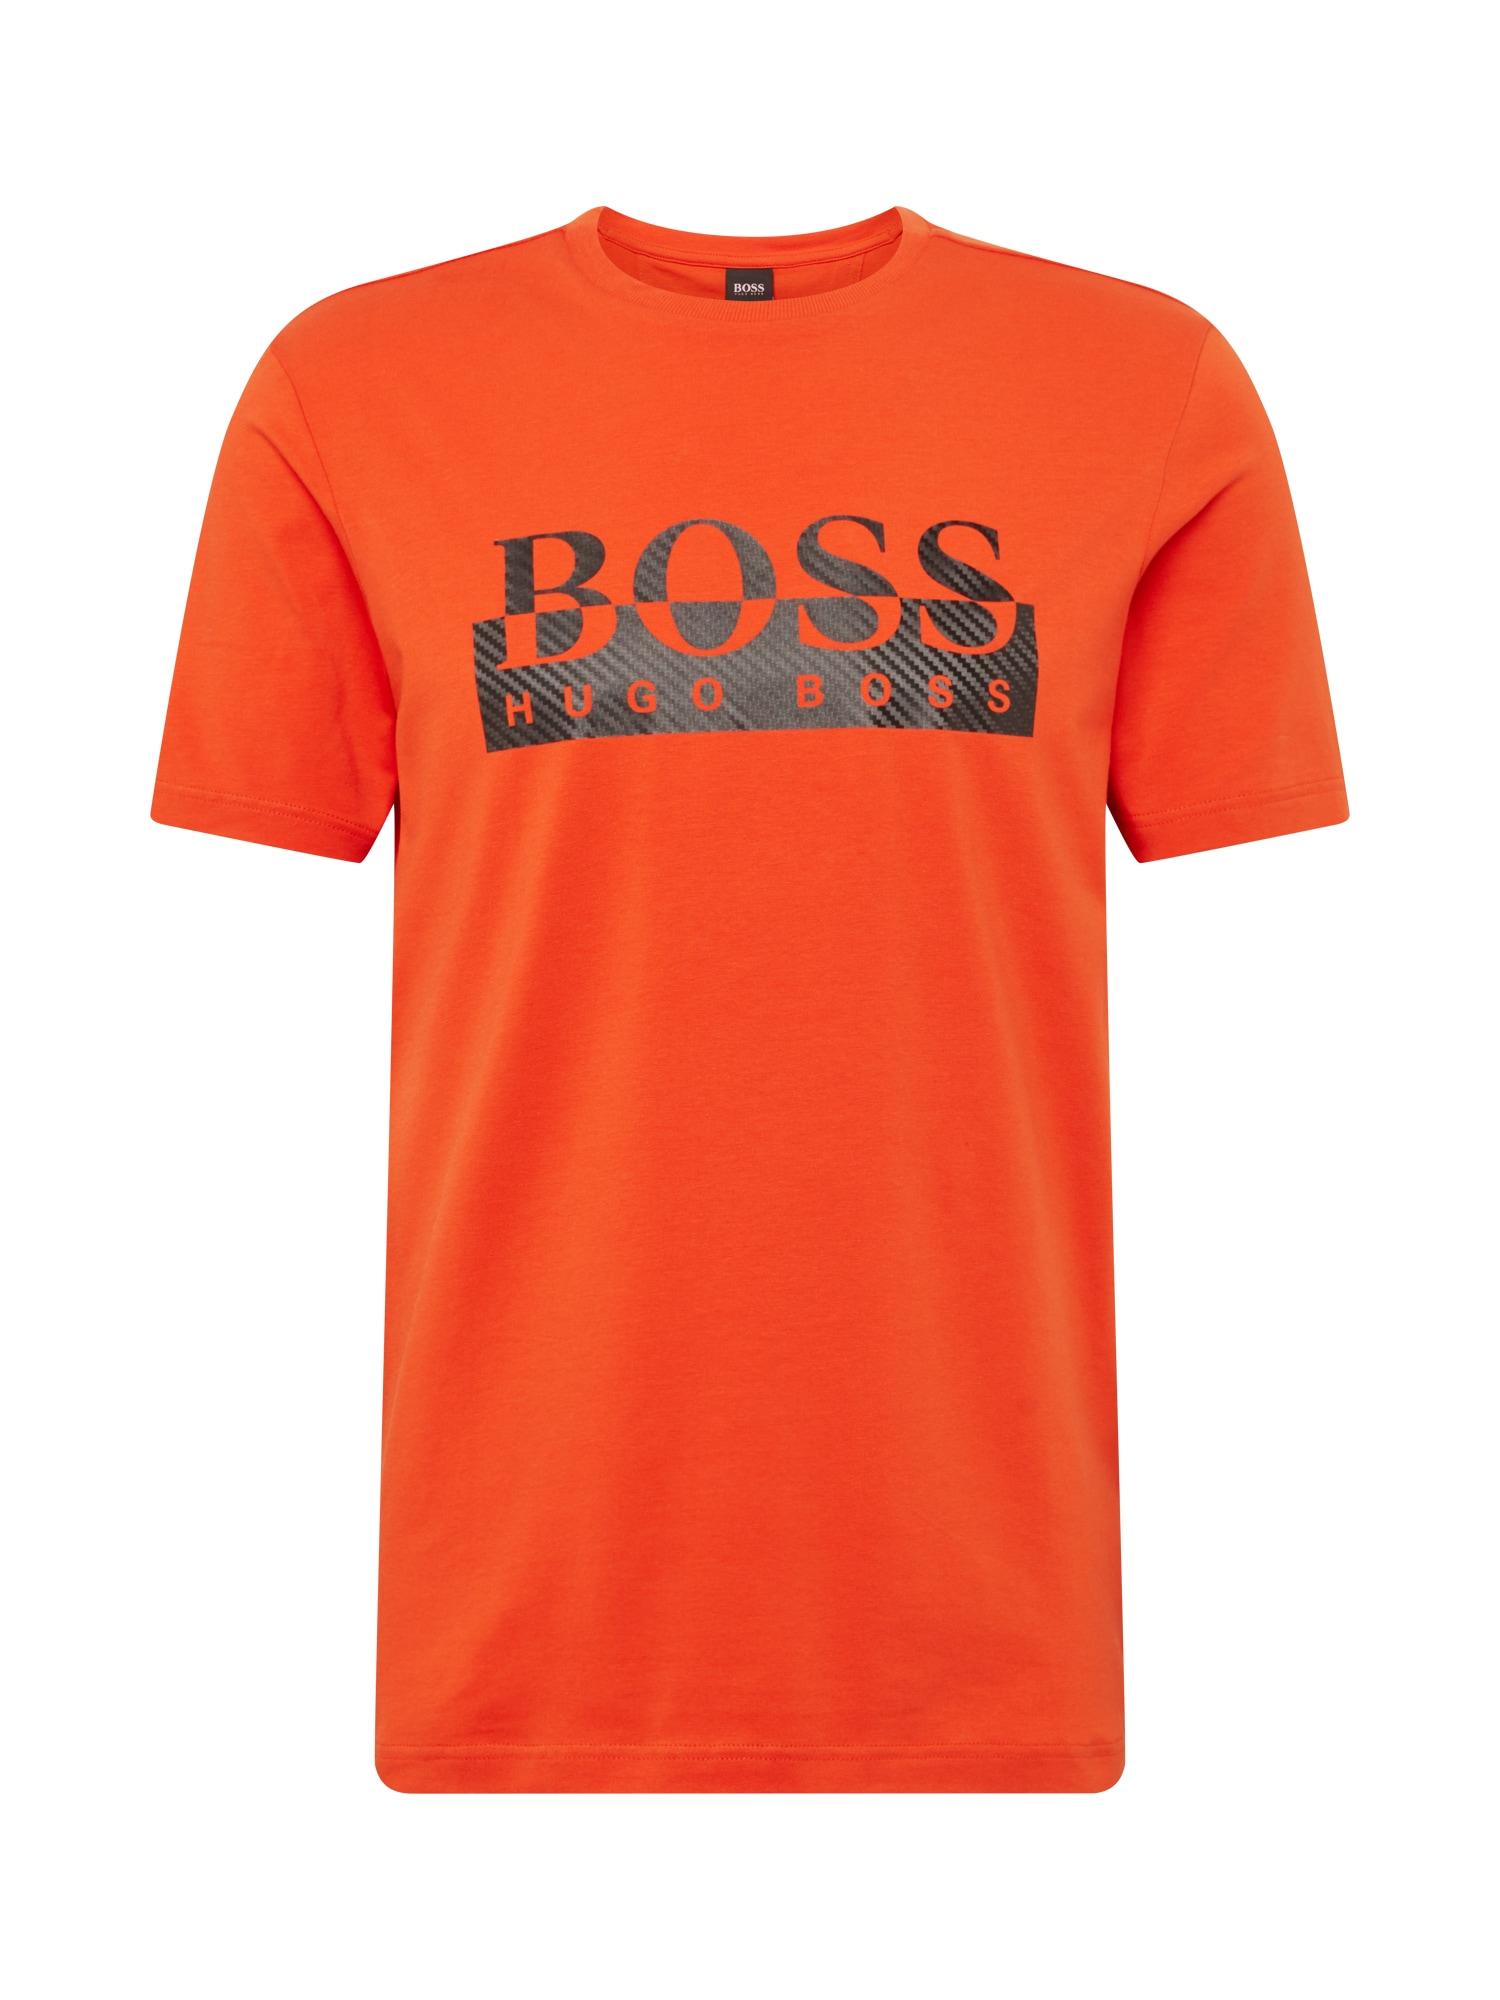 BOSS ATHLEISURE Marškinėliai tamsiai oranžinė / juoda